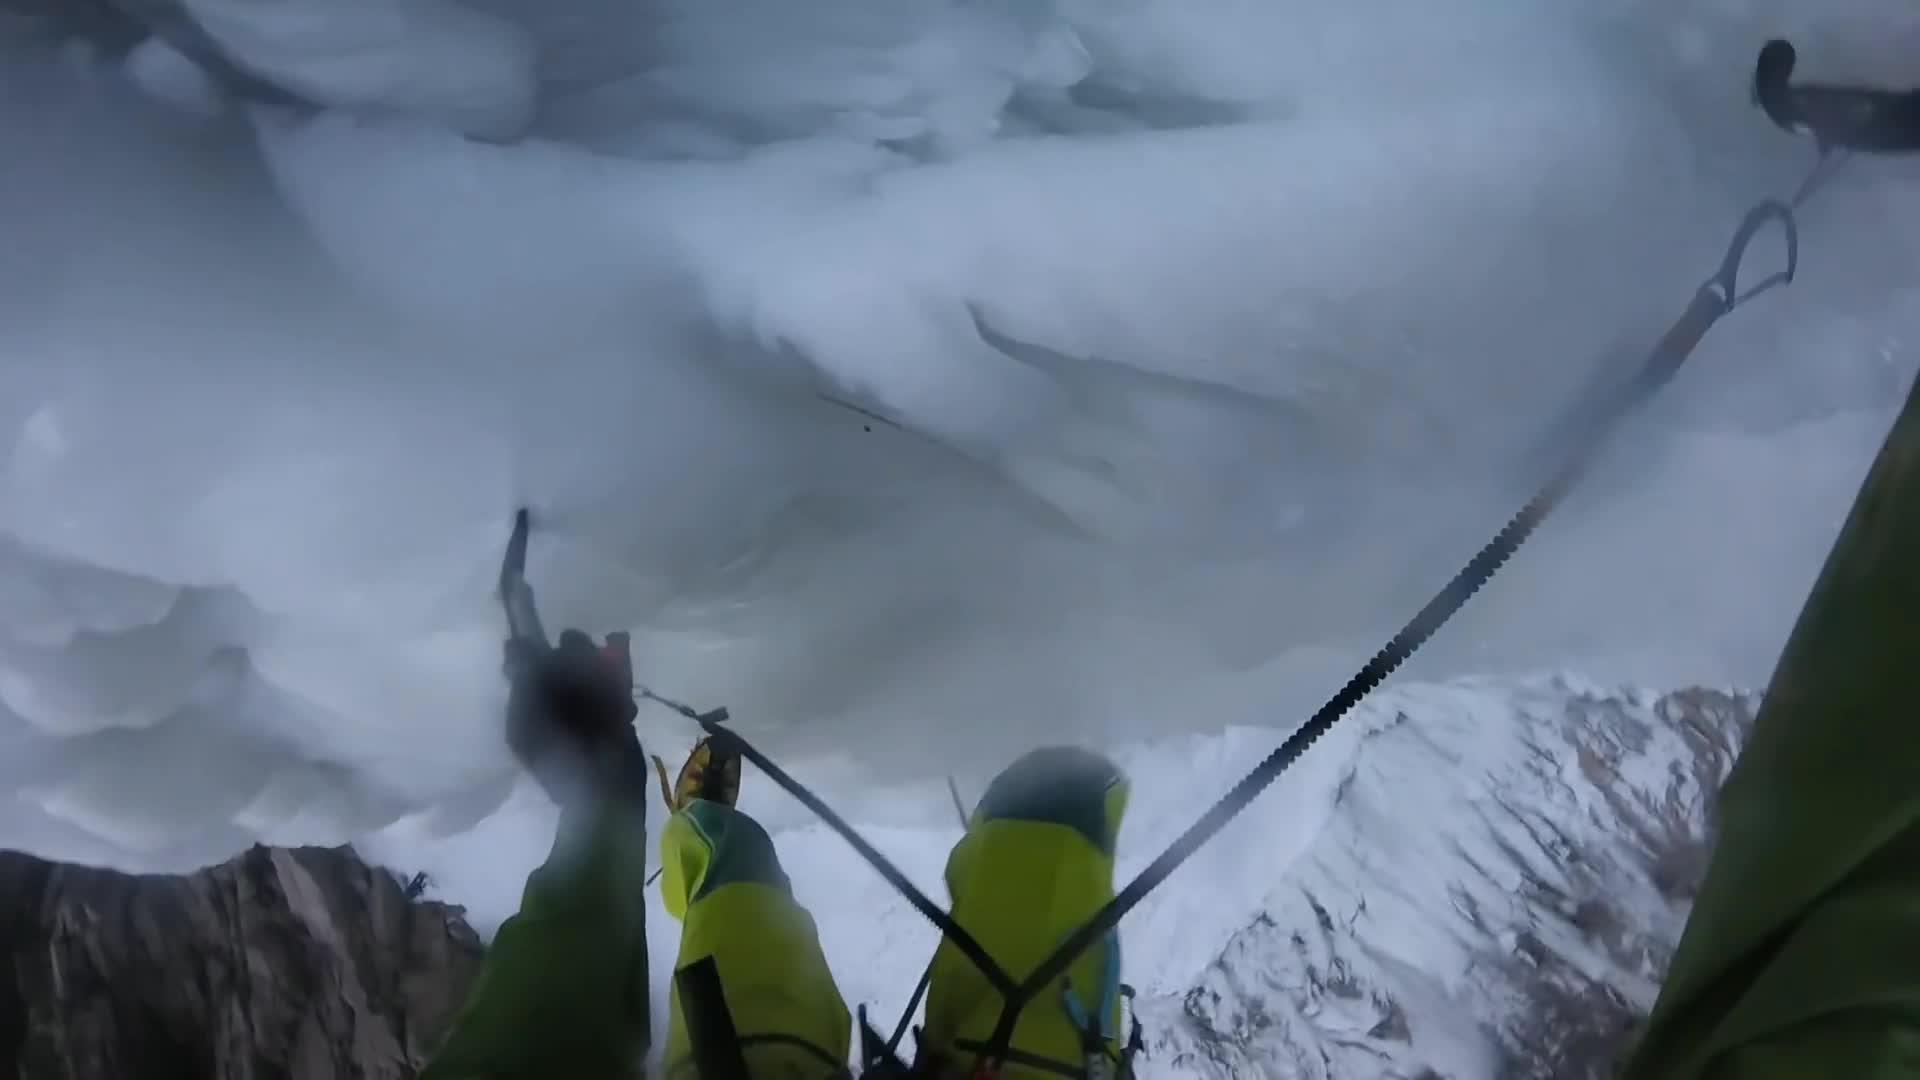 SweatyPalms, climbing, sweatypalms, Ice climbing waterfall collapse | https://youtu.be/PmtINnWS2 GIFs